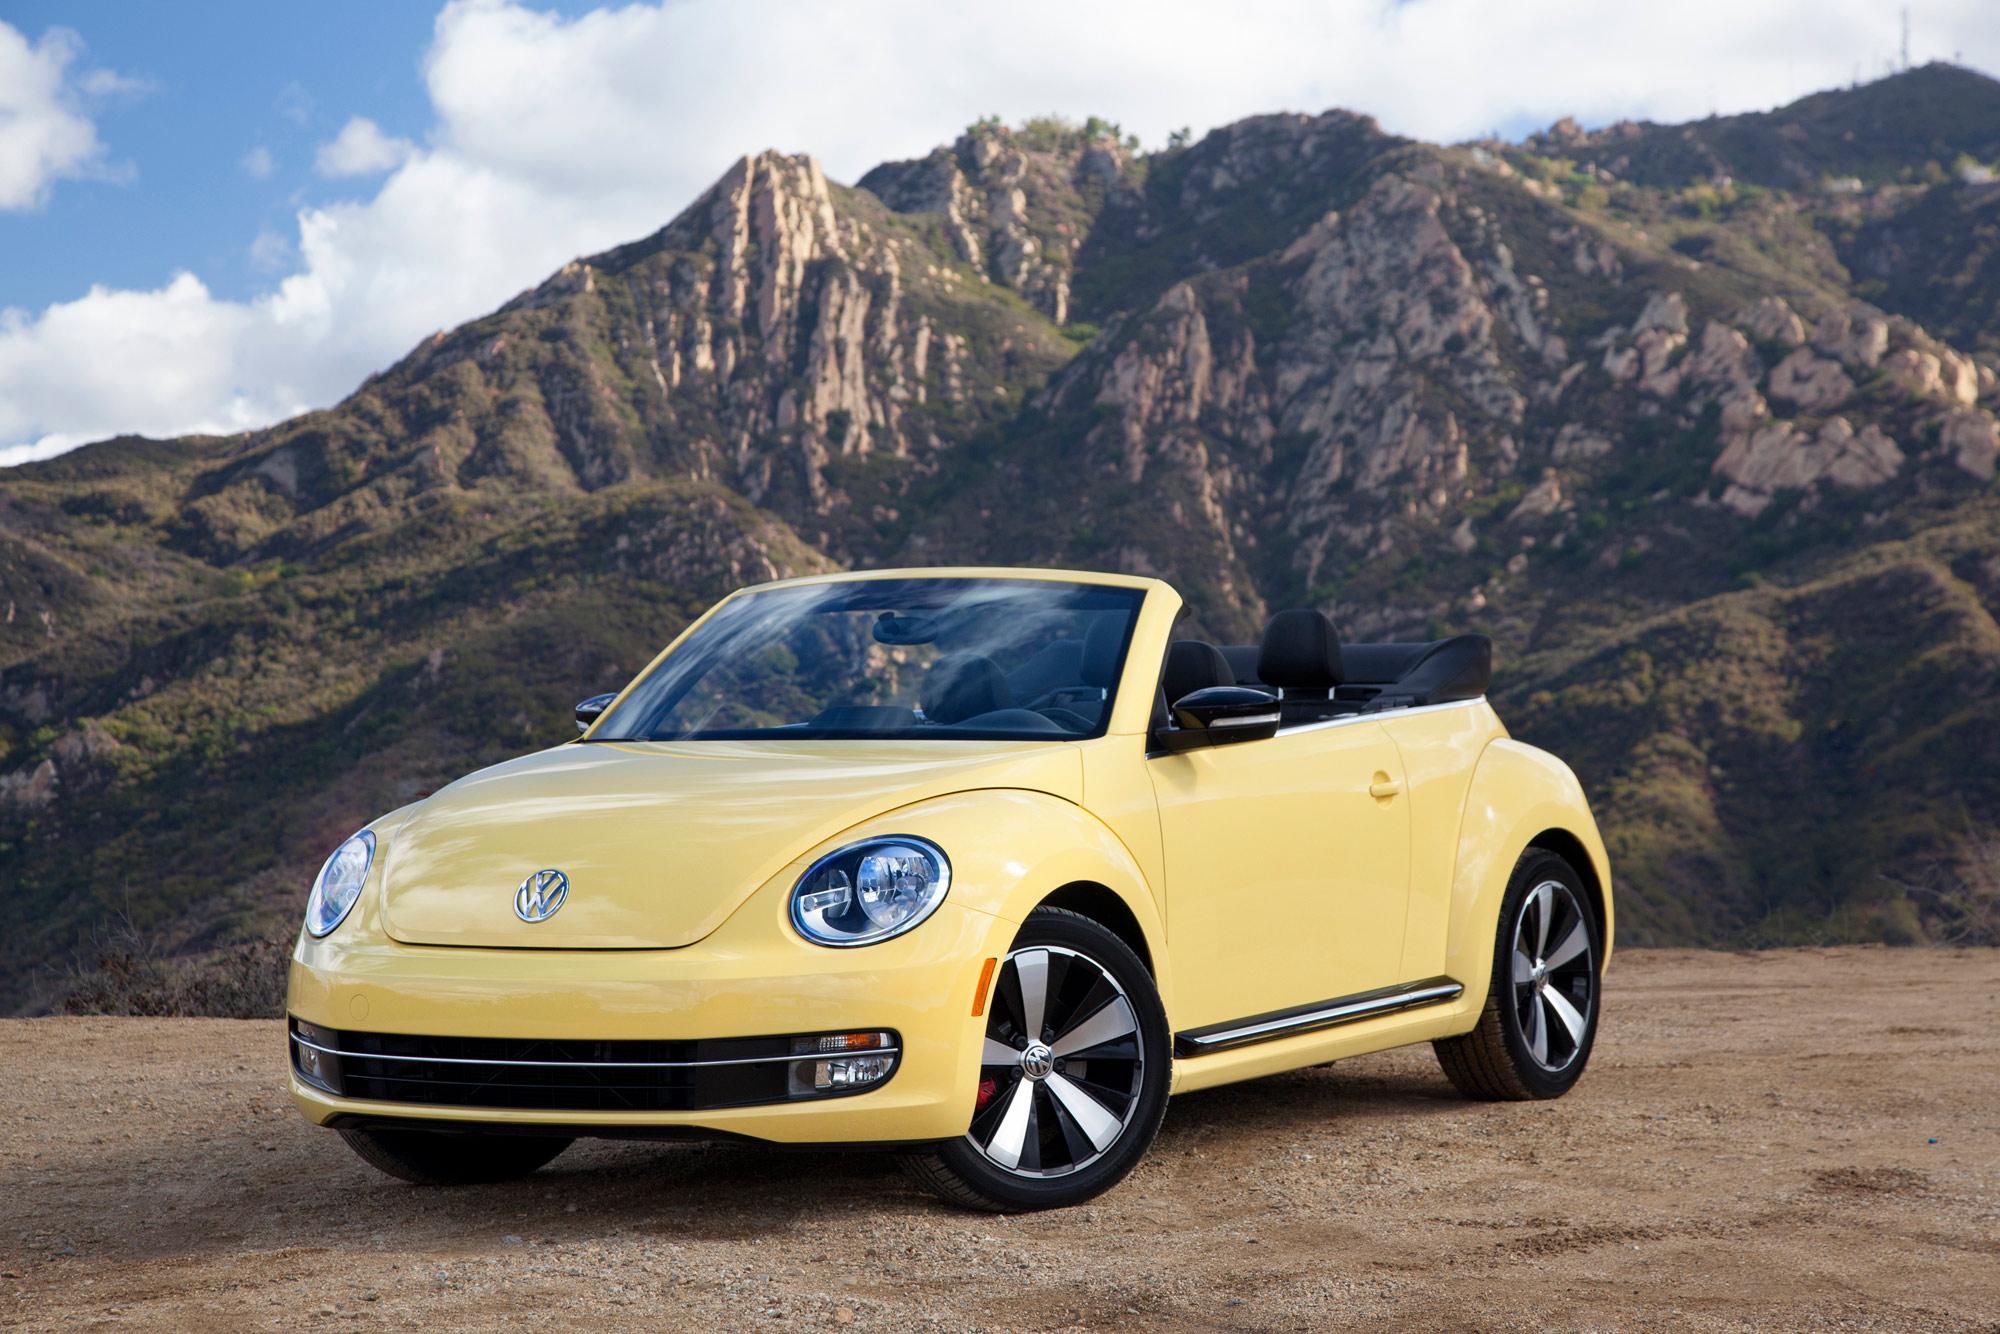 volkswagen-beetle-convertible-043